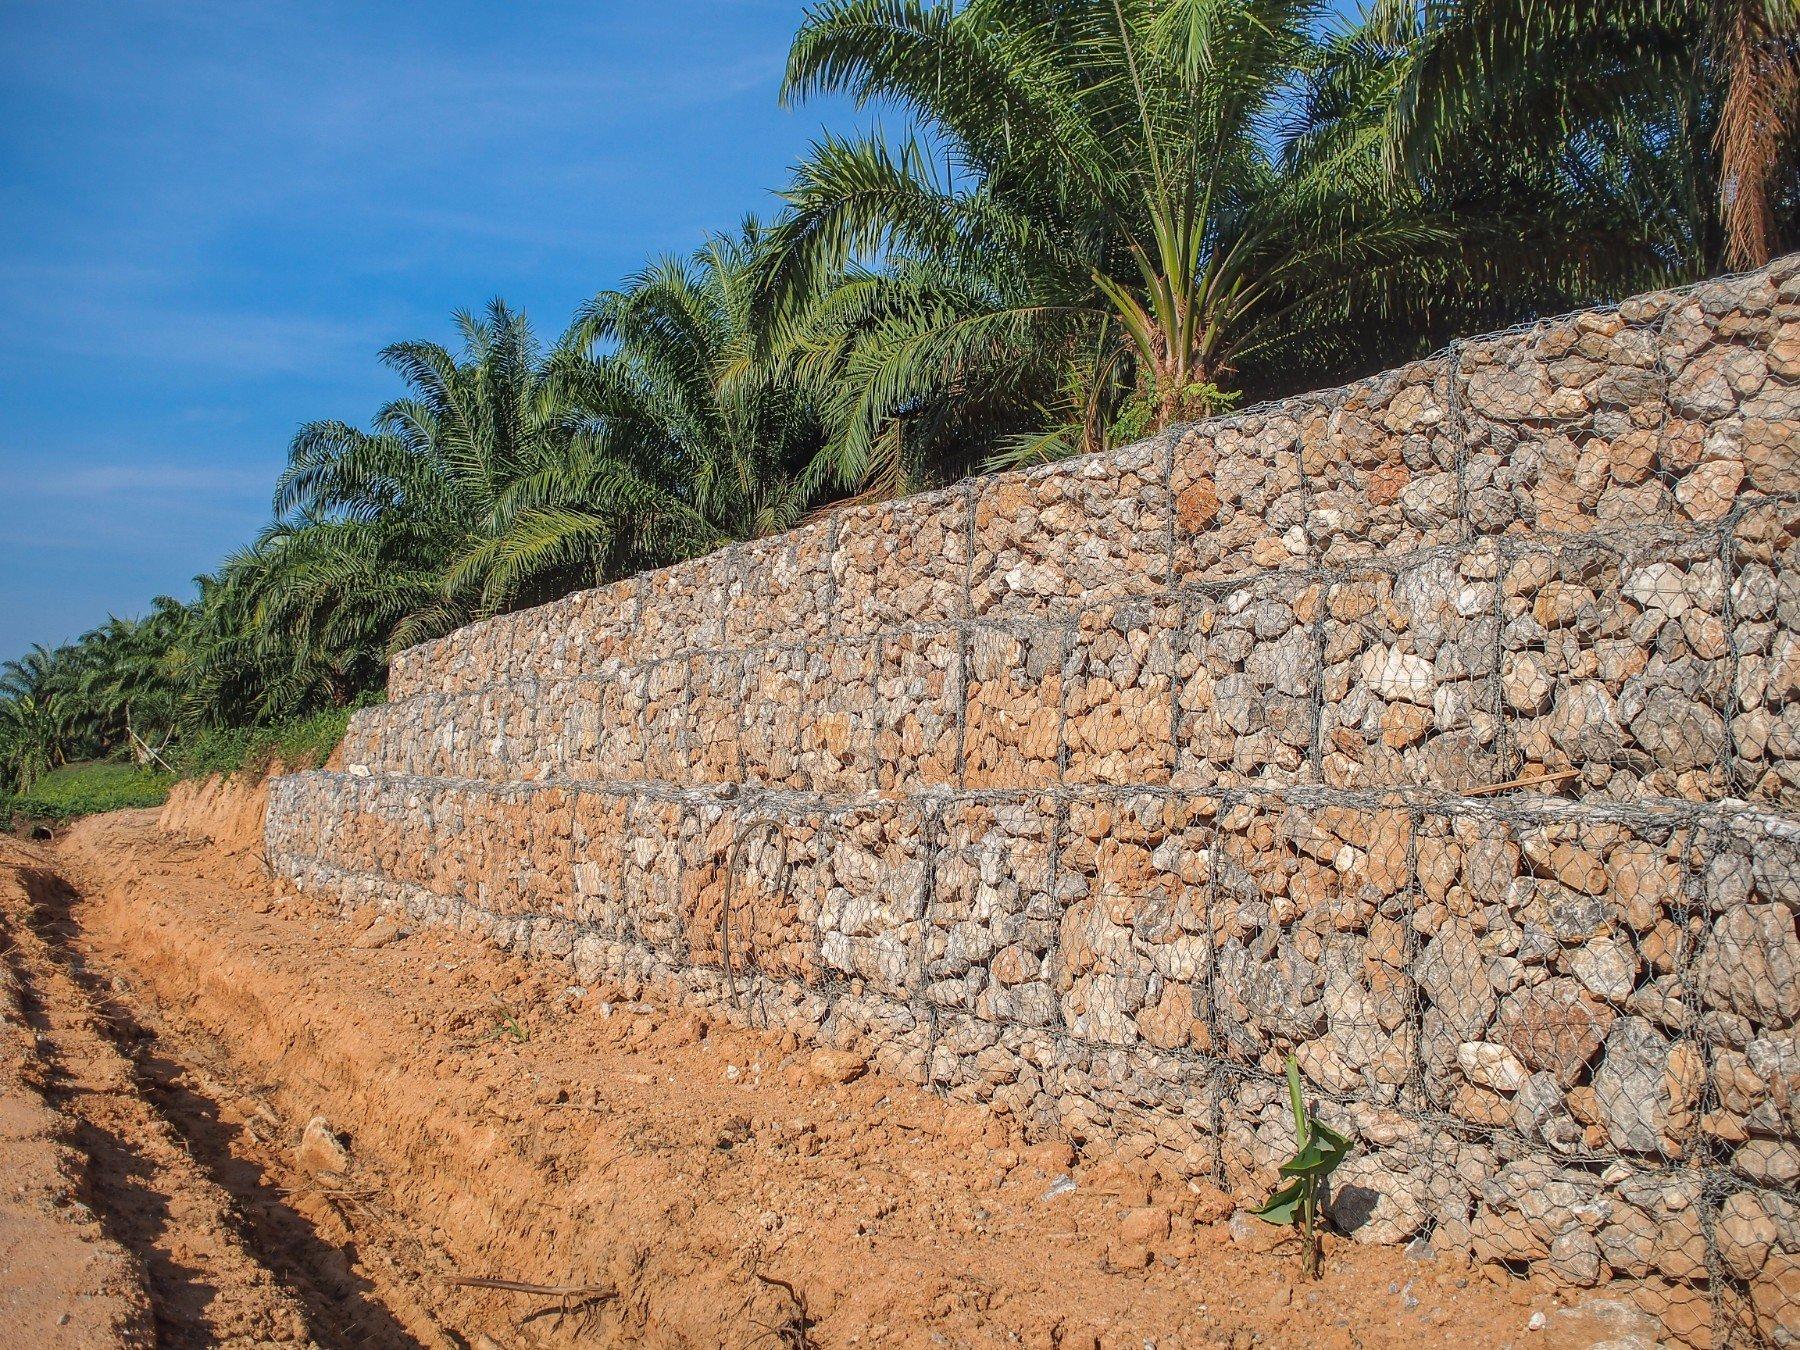 una rete metallica davanti a un muretto in pietra e vista delle palme